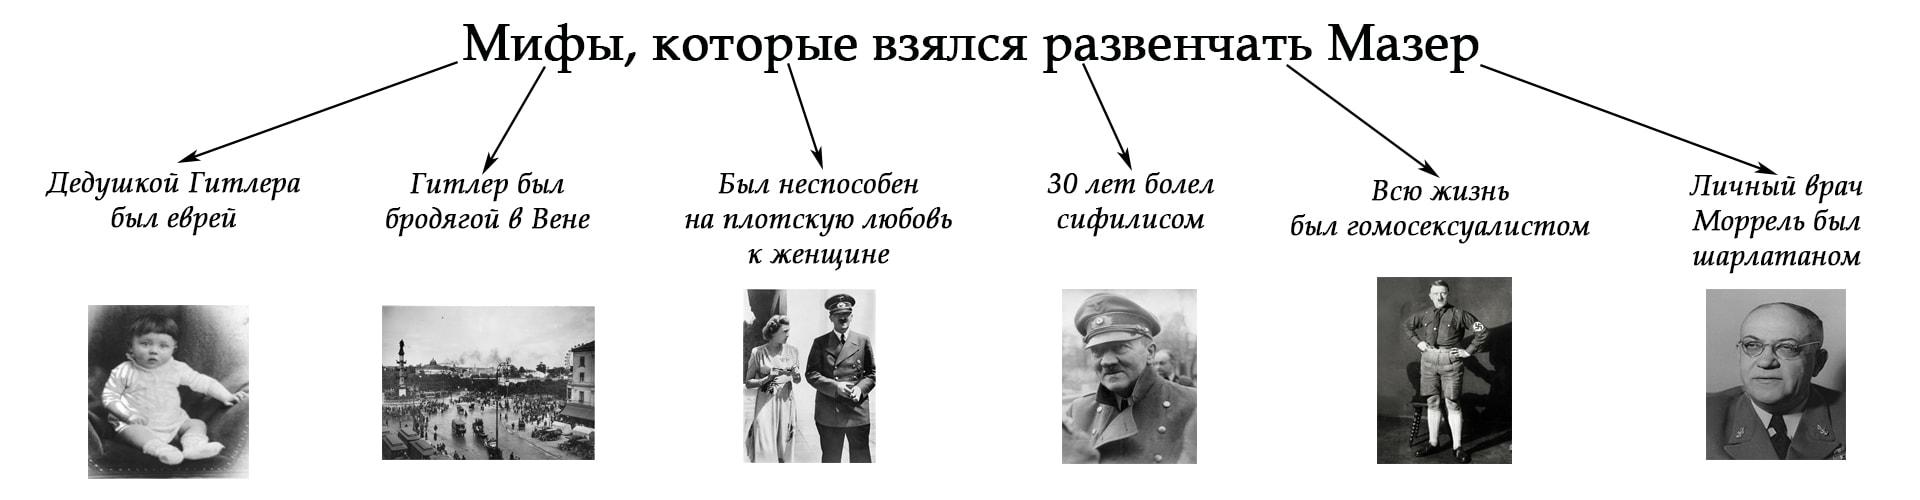 Мифы об Адольфе Гитлере и их анализ